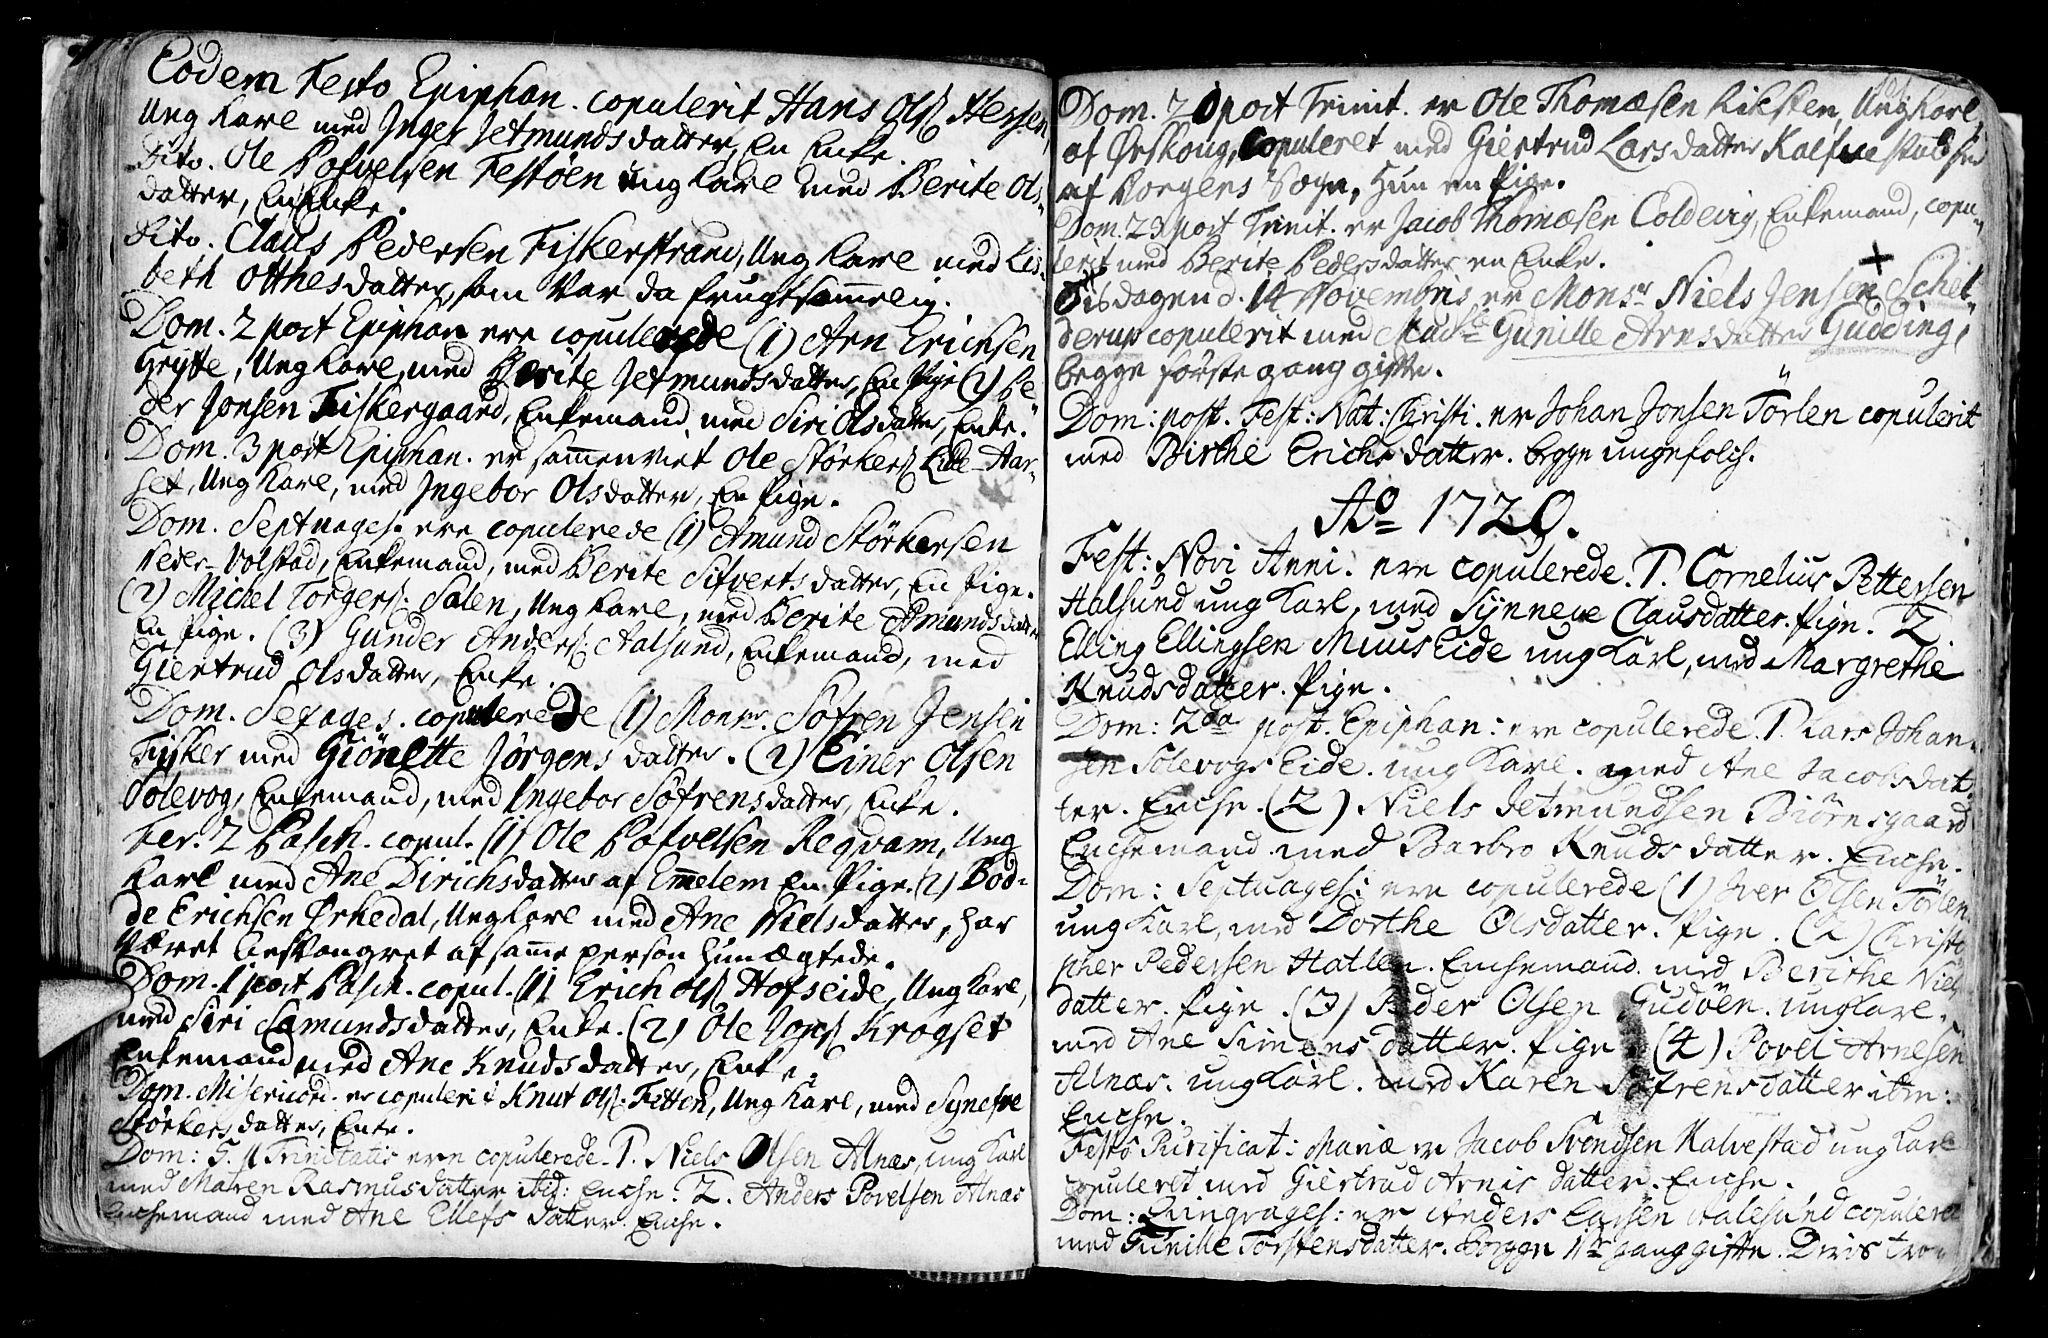 SAT, Ministerialprotokoller, klokkerbøker og fødselsregistre - Møre og Romsdal, 528/L0390: Ministerialbok nr. 528A01, 1698-1739, s. 100-101